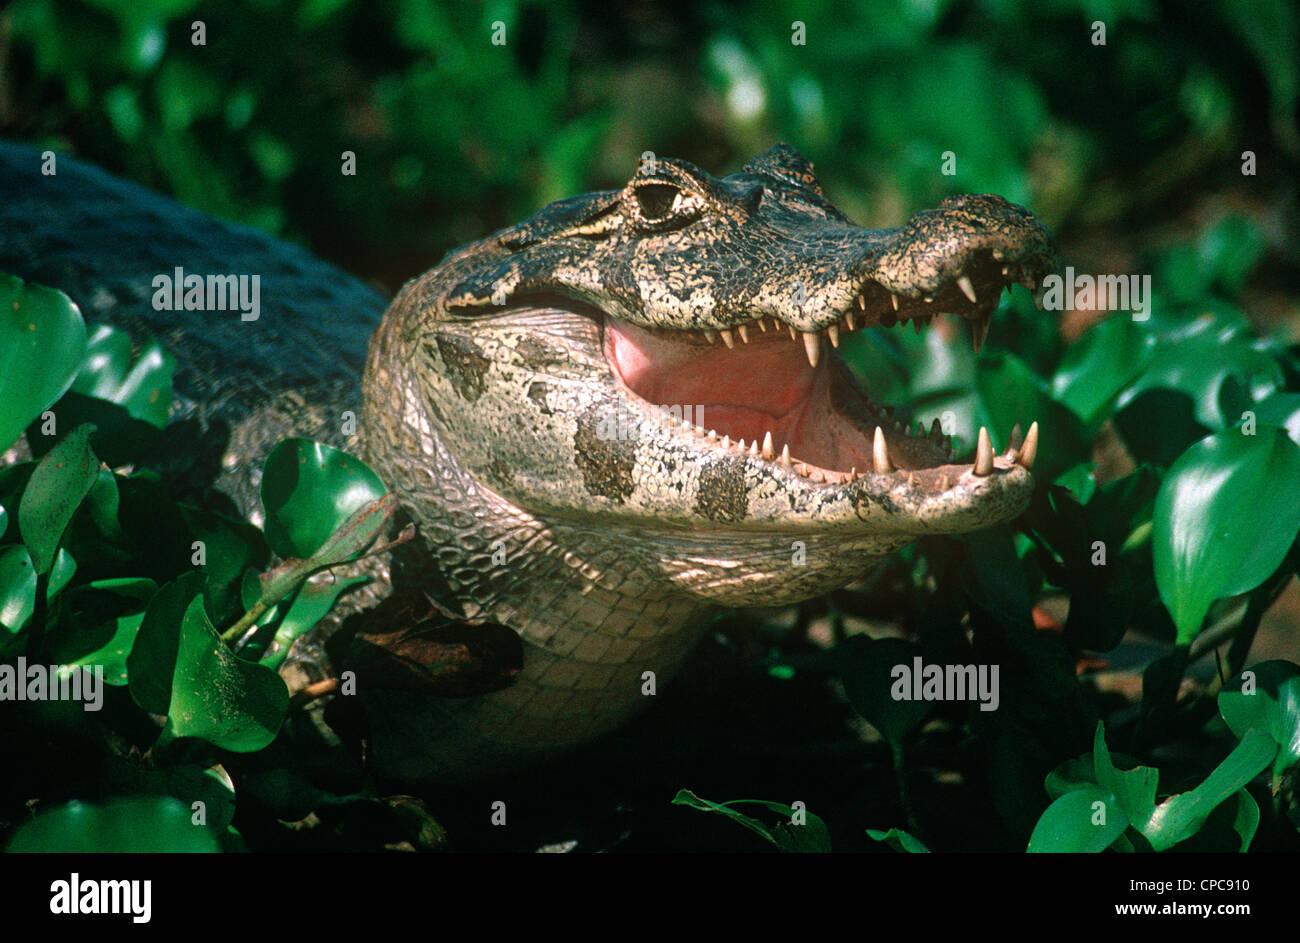 Yacare Caiman (Caiman yacare: Alligatoridae) Pantanal Brazil - Stock Image